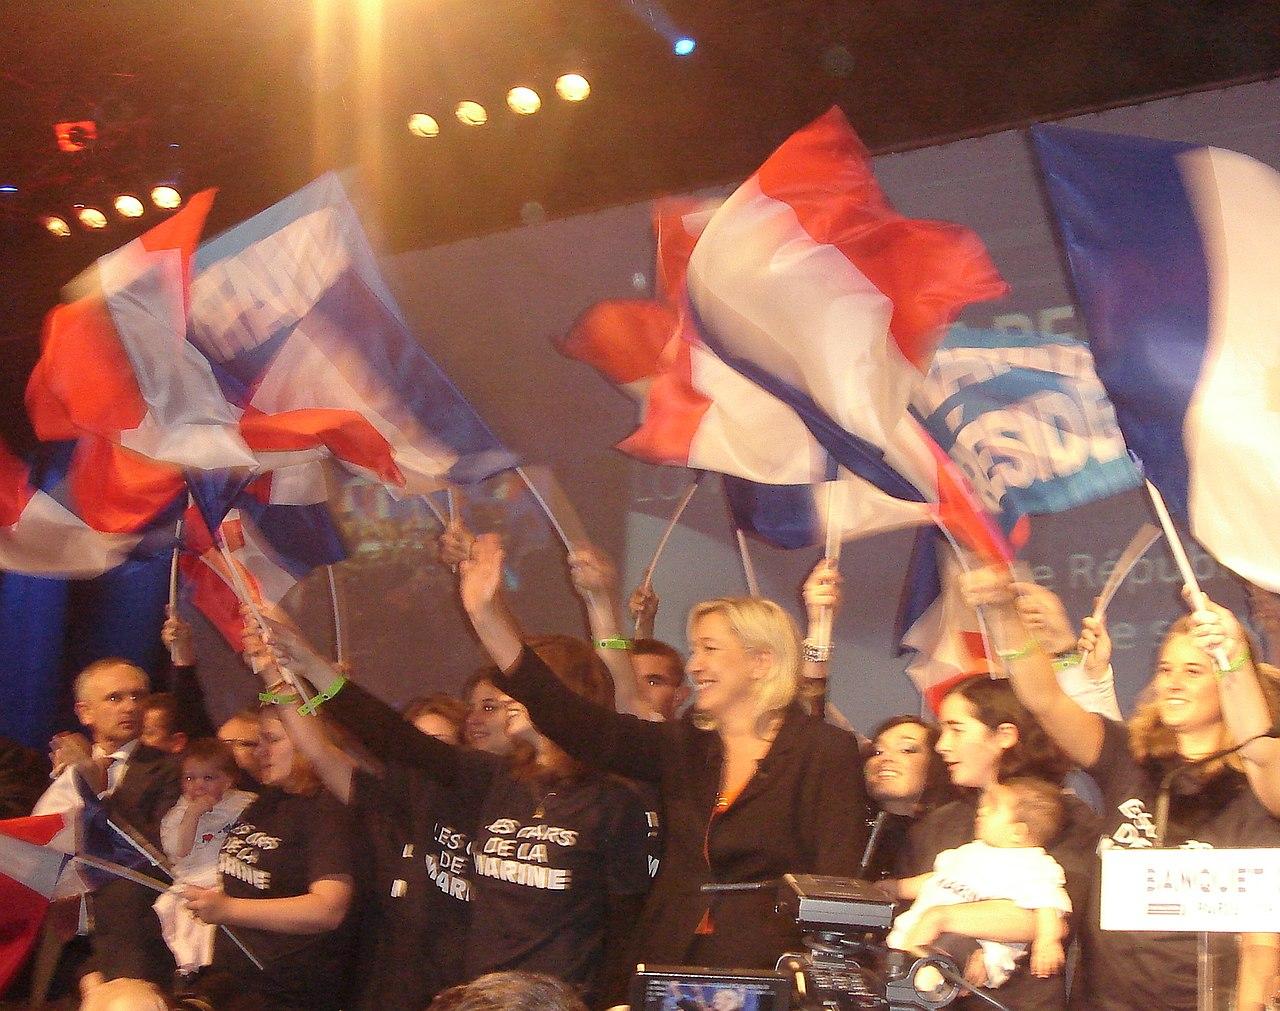 AadDSC00604louis maitrier65Marine Le Pen.jpg